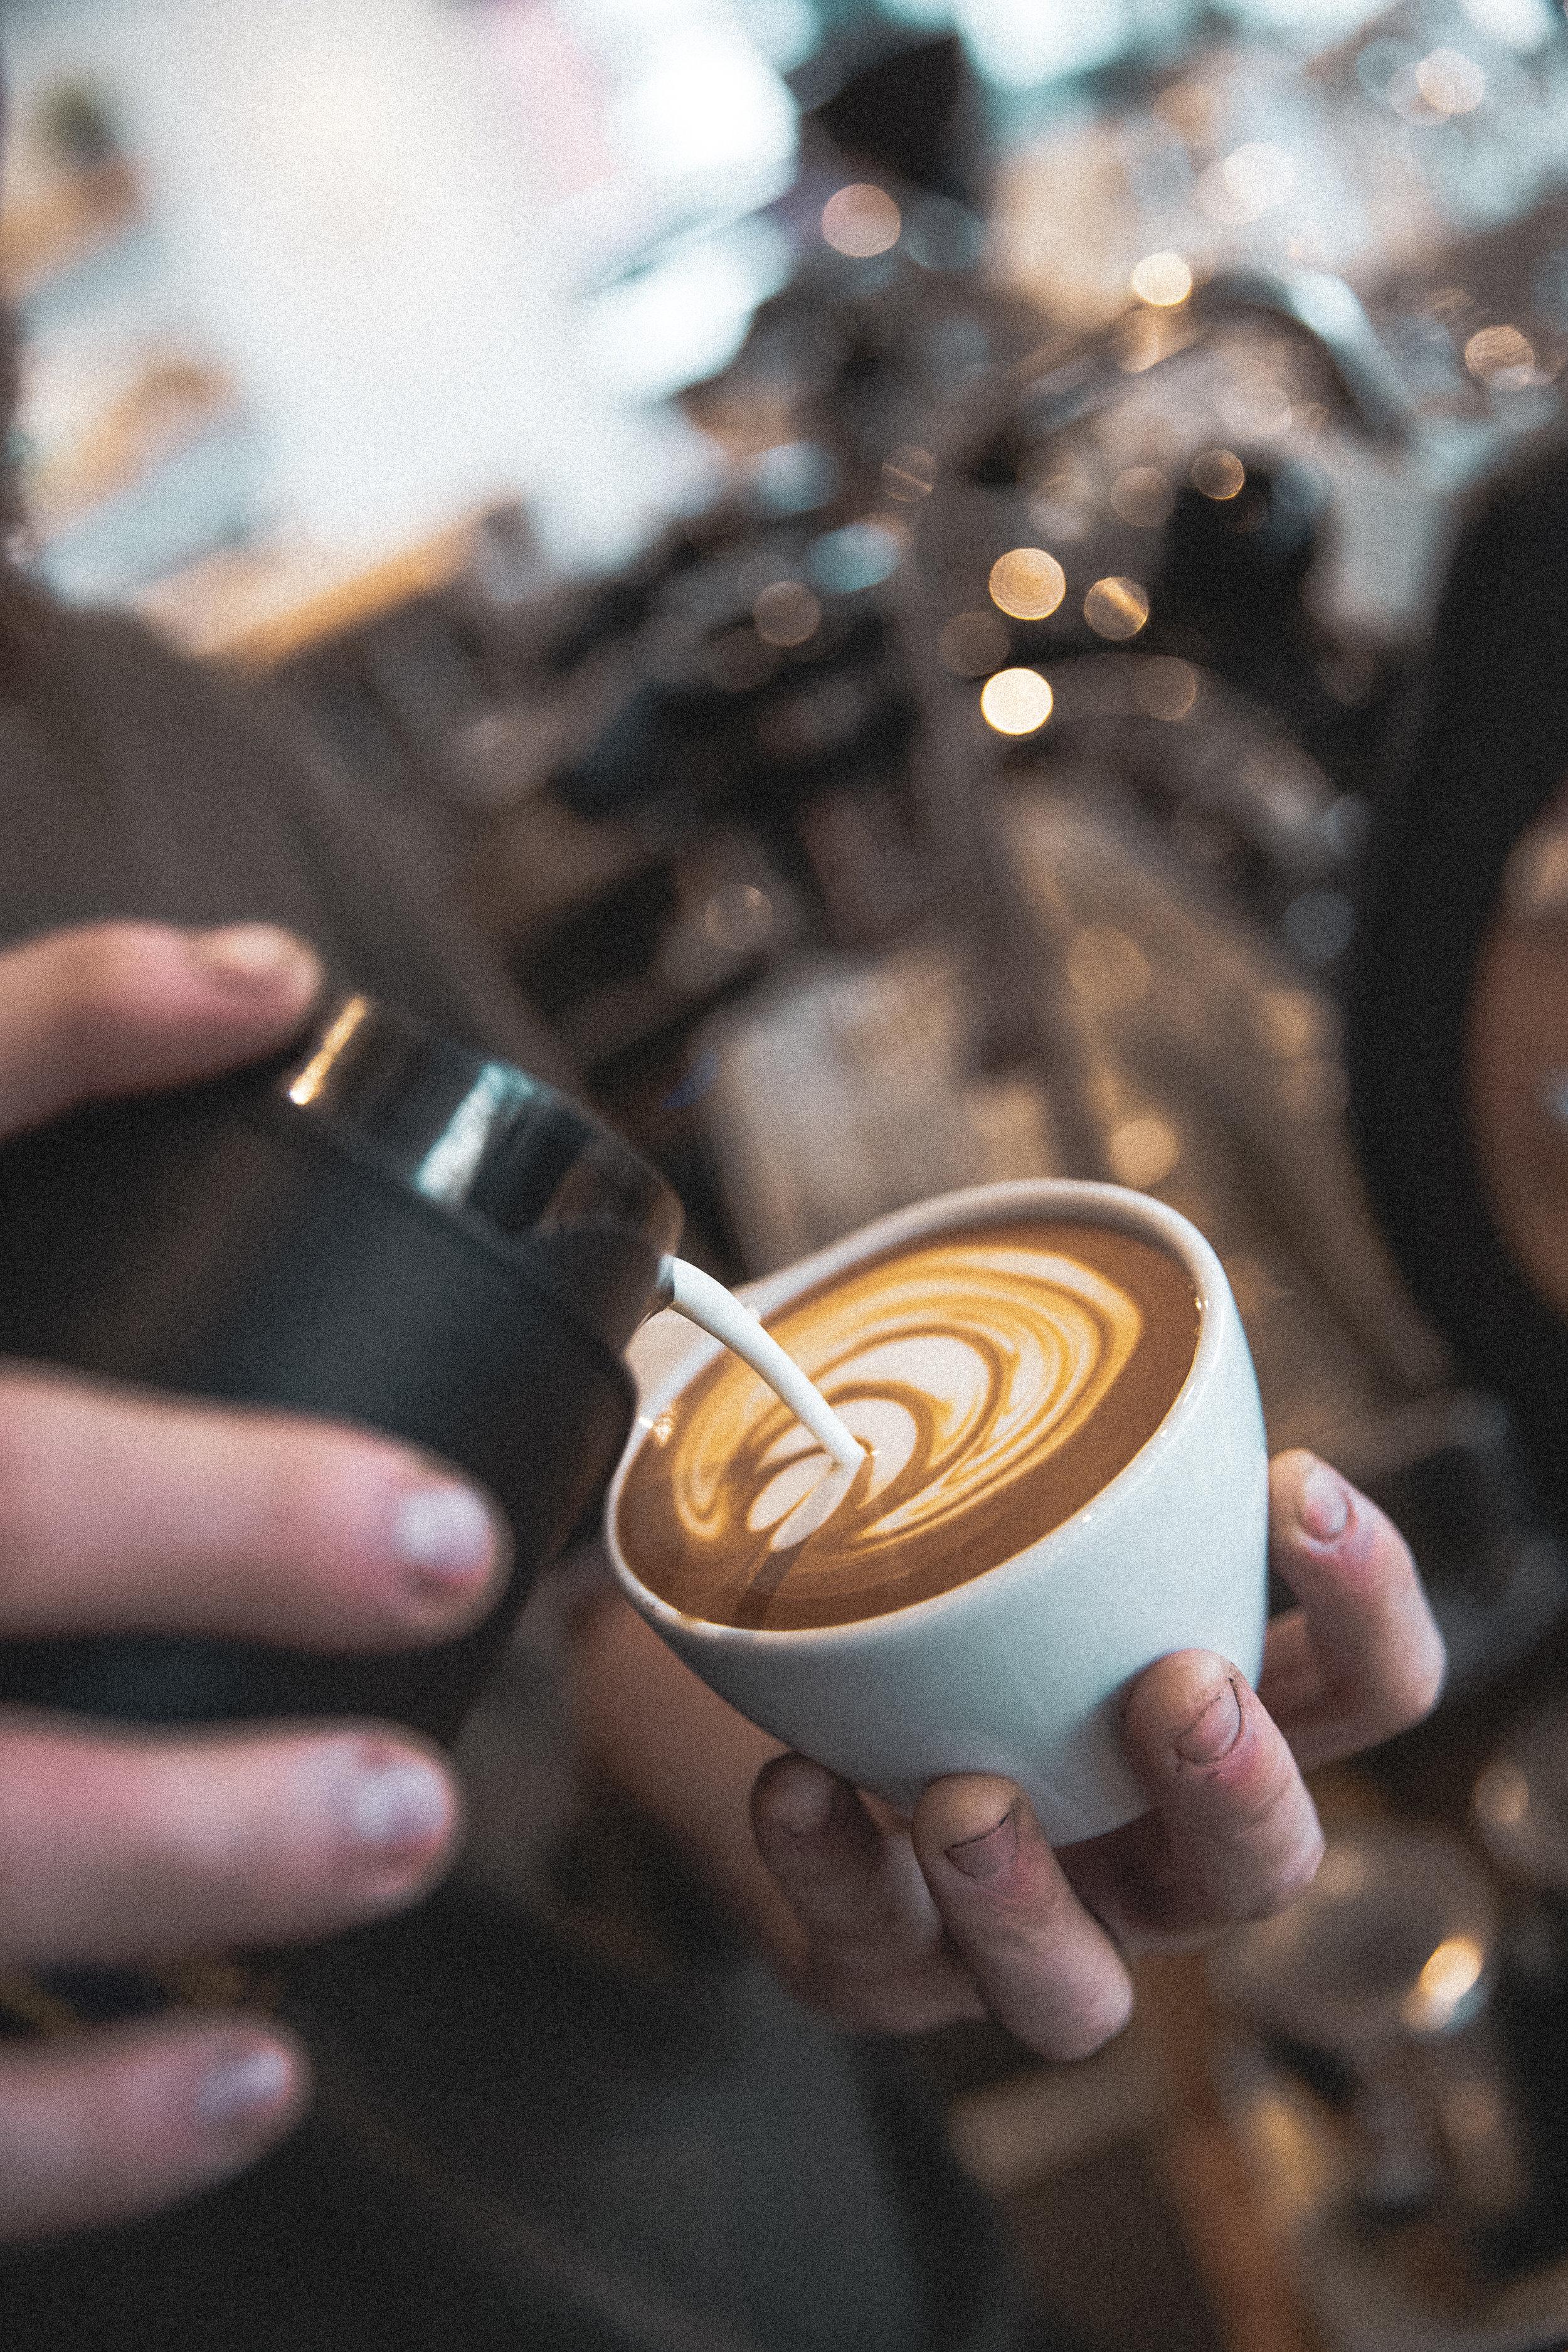 coffeeshop-photography-9I0622.jpg